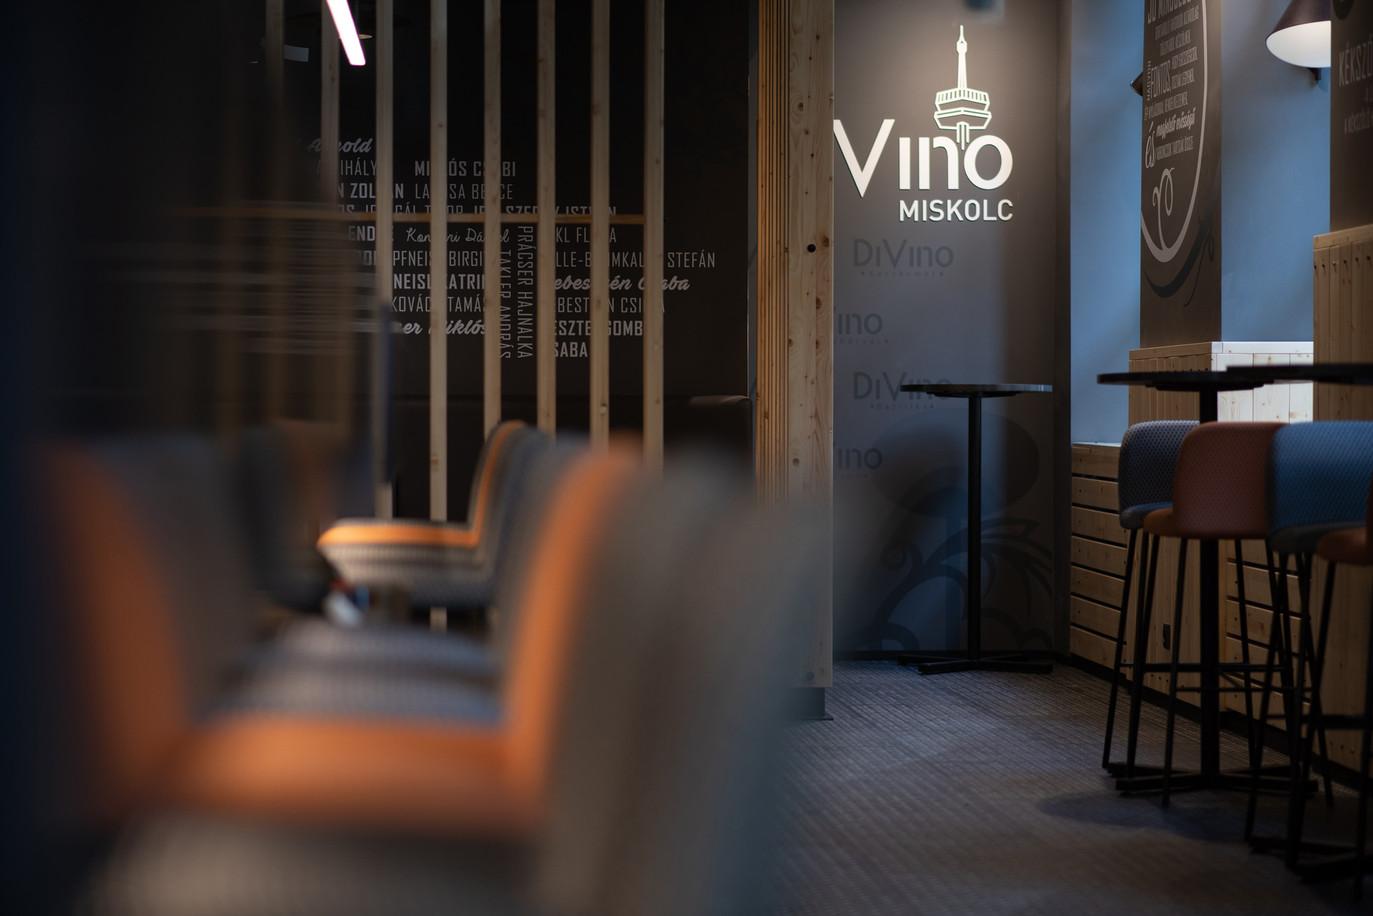 DiVino-2.jpg